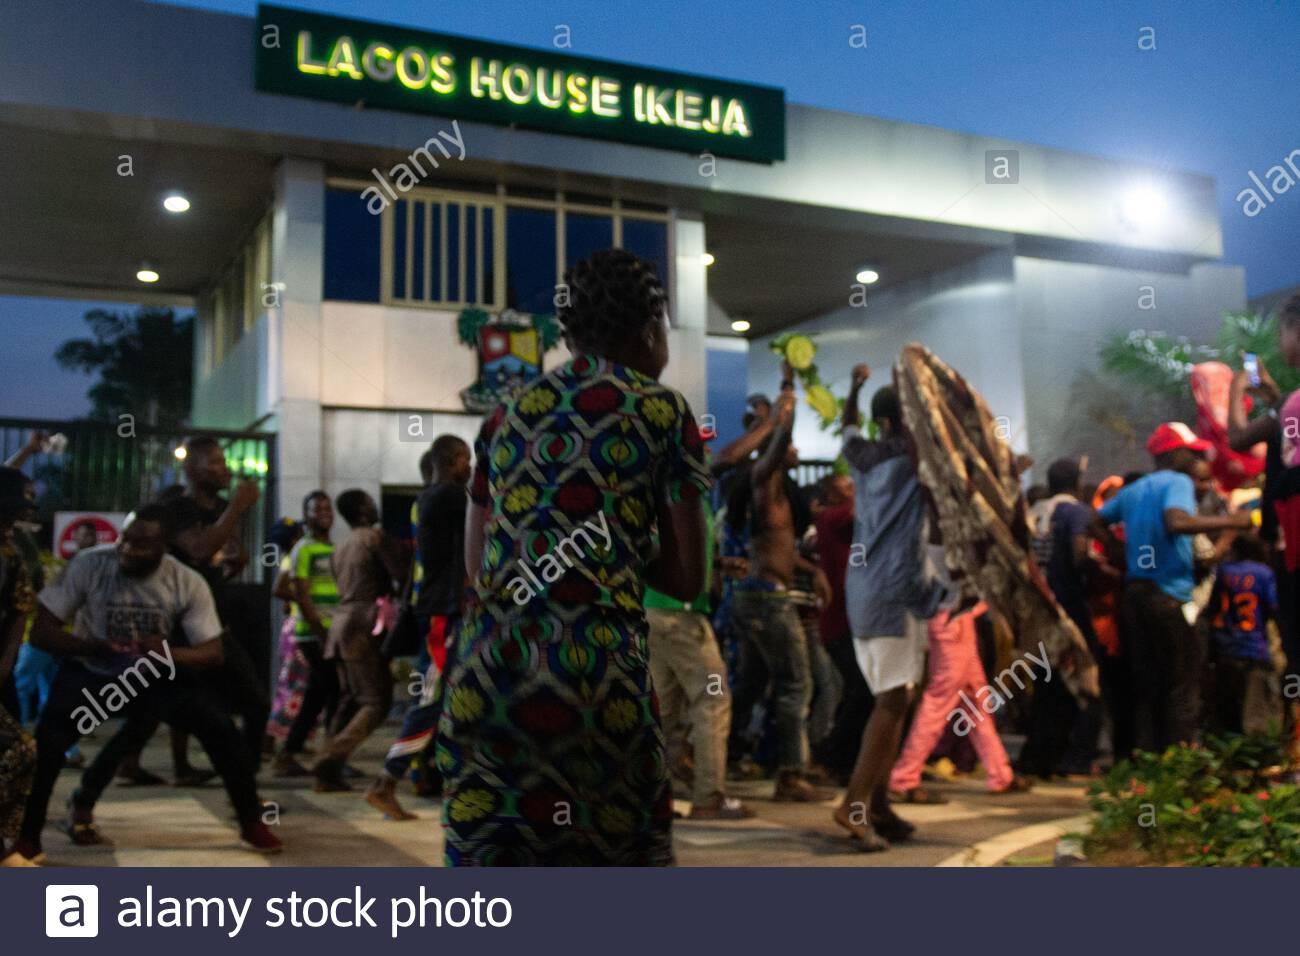 sito di incontri a Lagos stato Archeomagnetismo datazione definizione